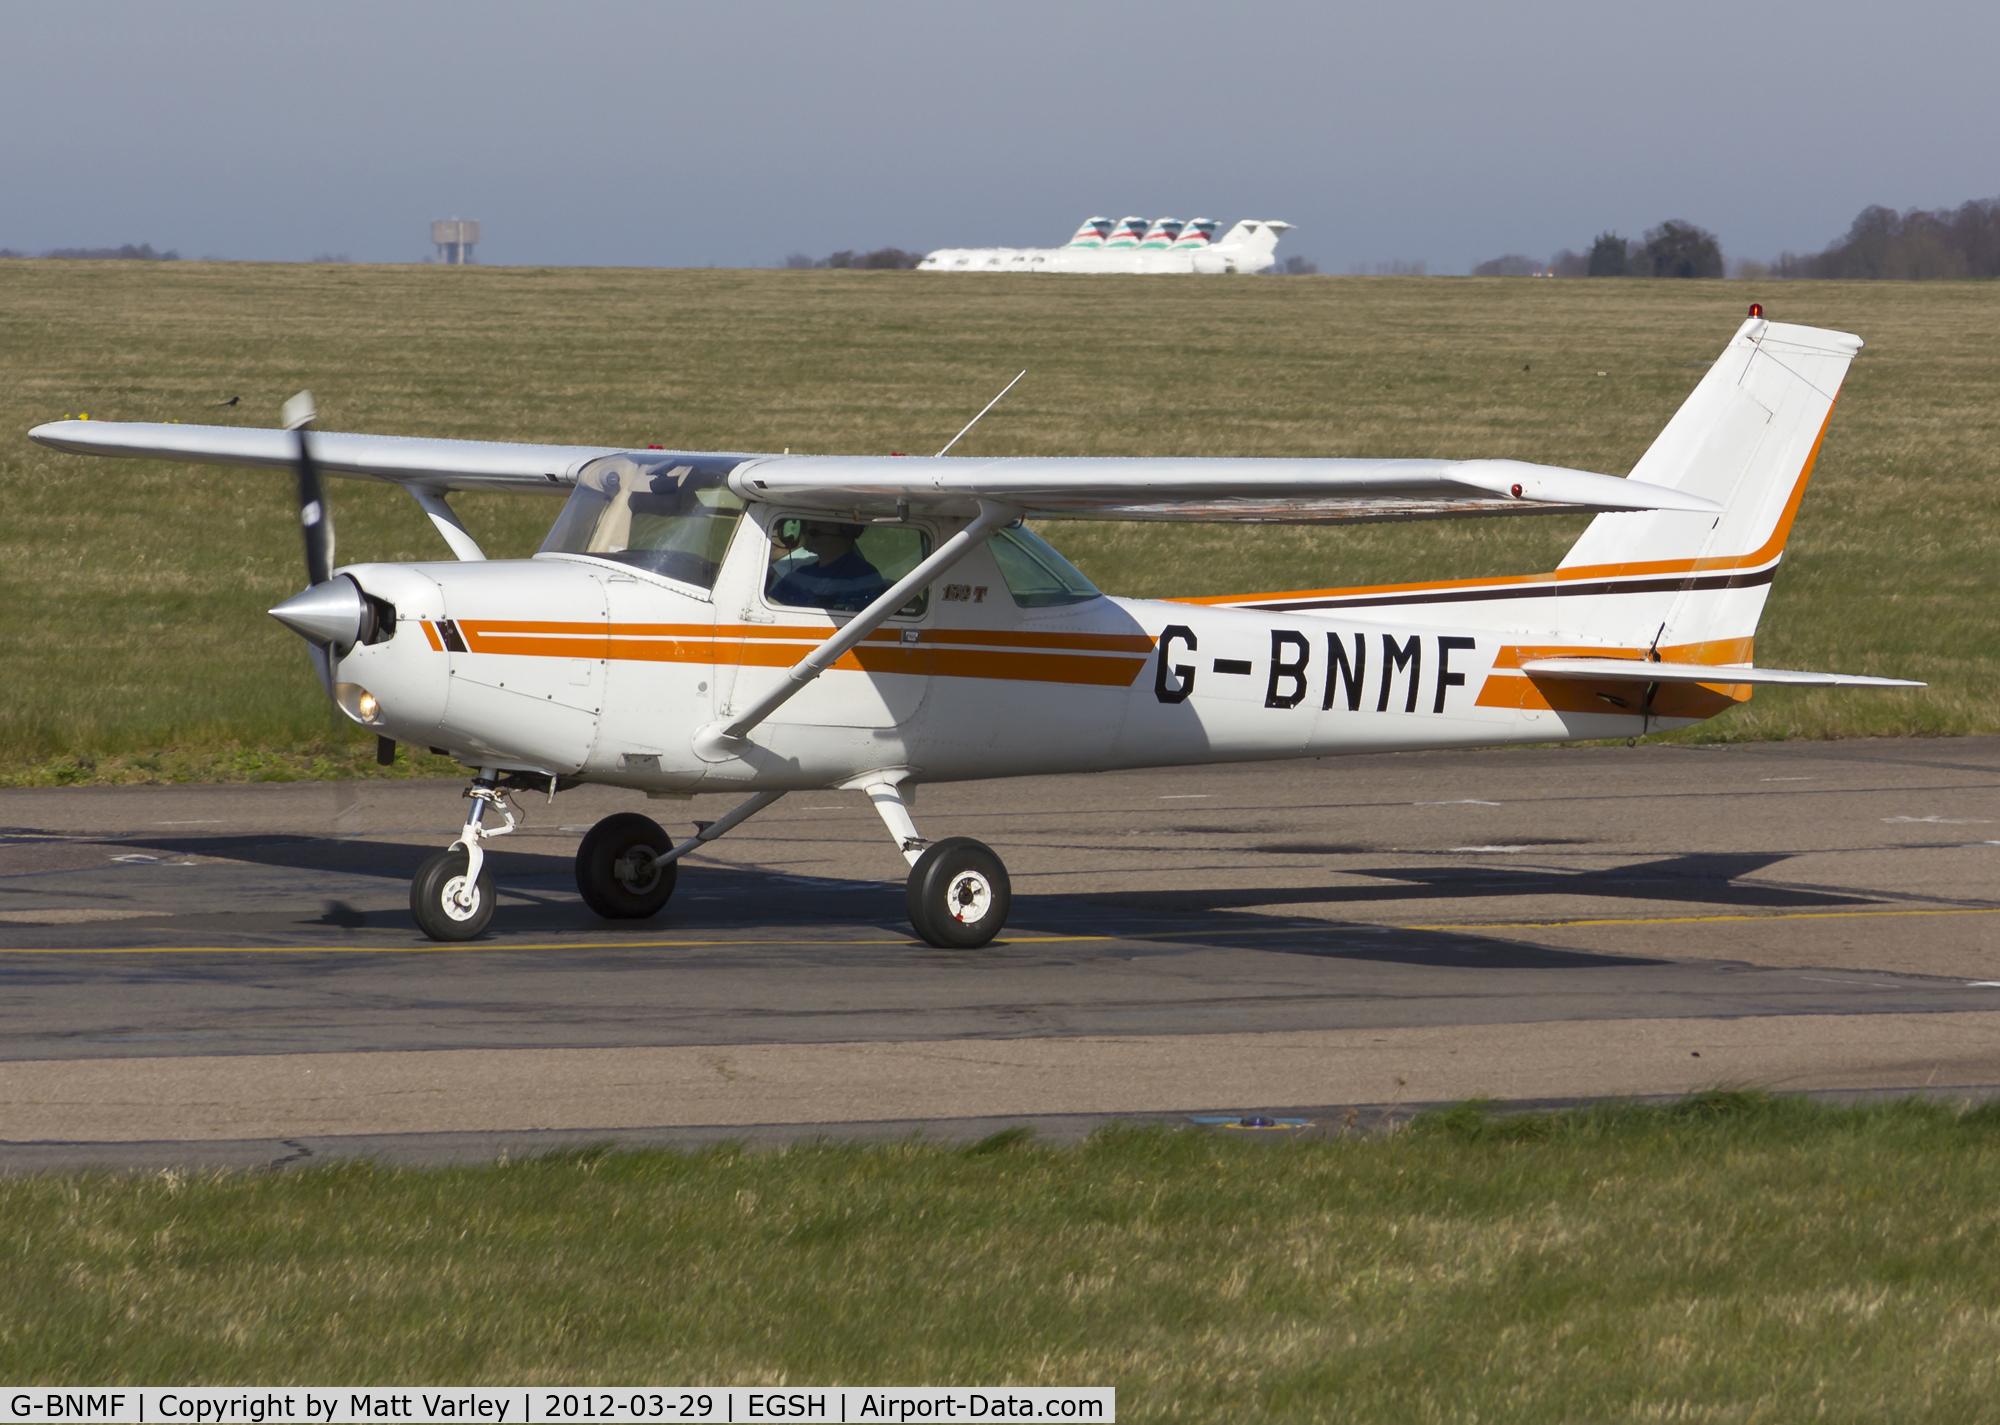 G-BNMF, 1982 Cessna 152 C/N 152-85563, Arriving at SaxonAir.